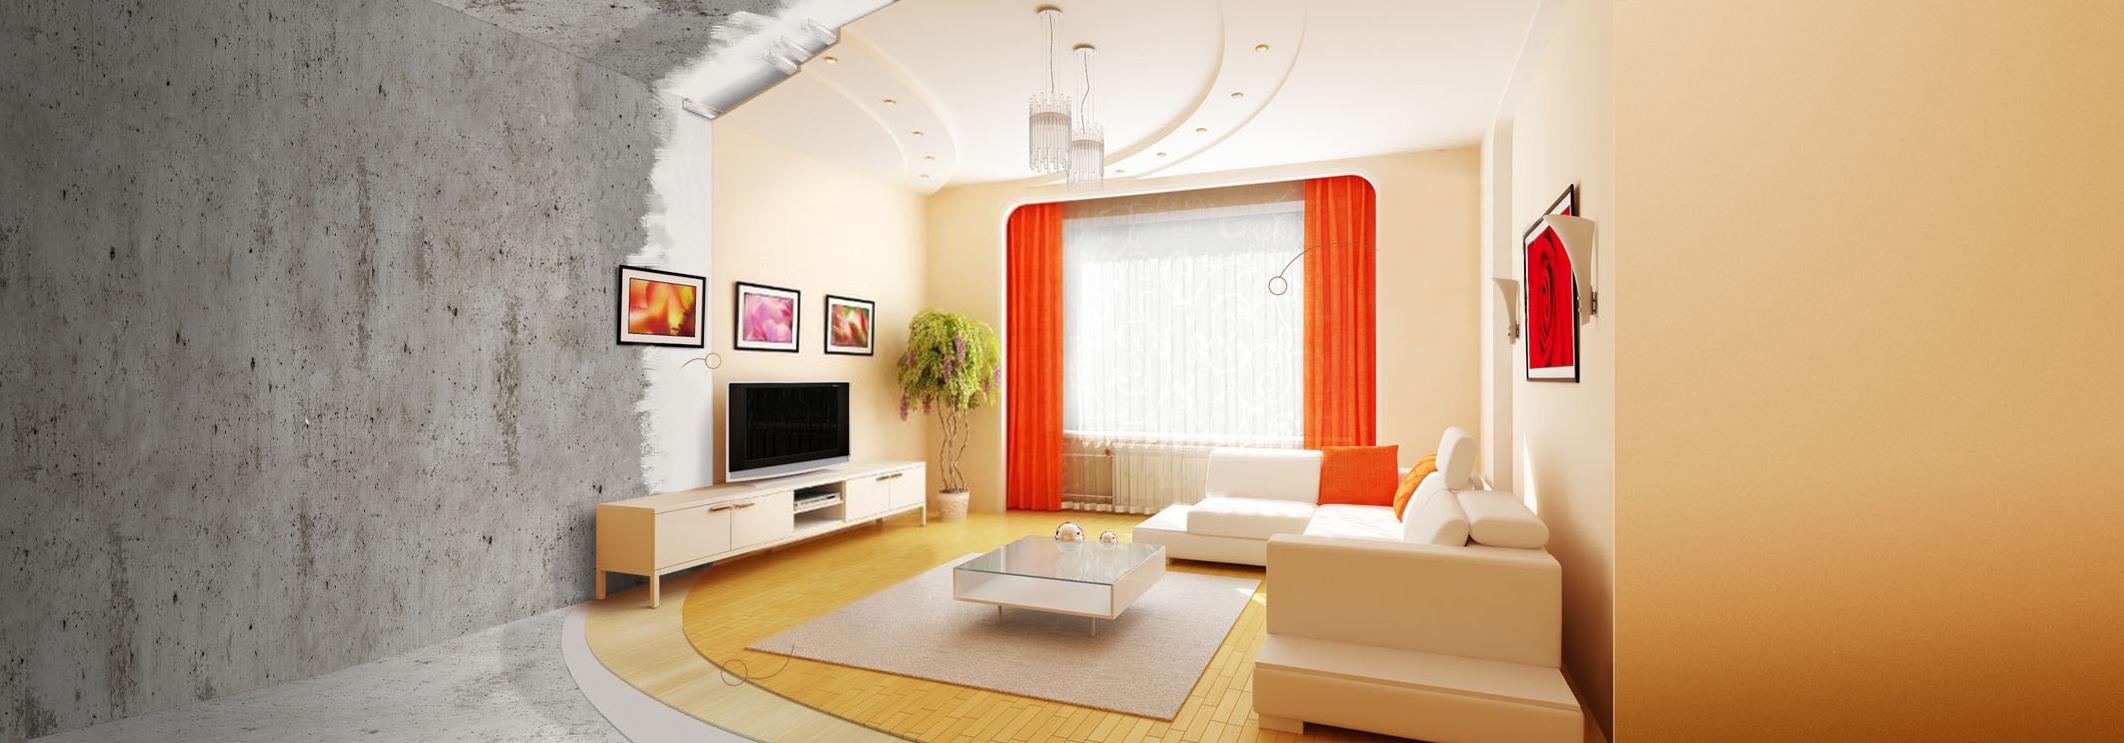 лучших: Ремонт и отделка квартир и домов Москва